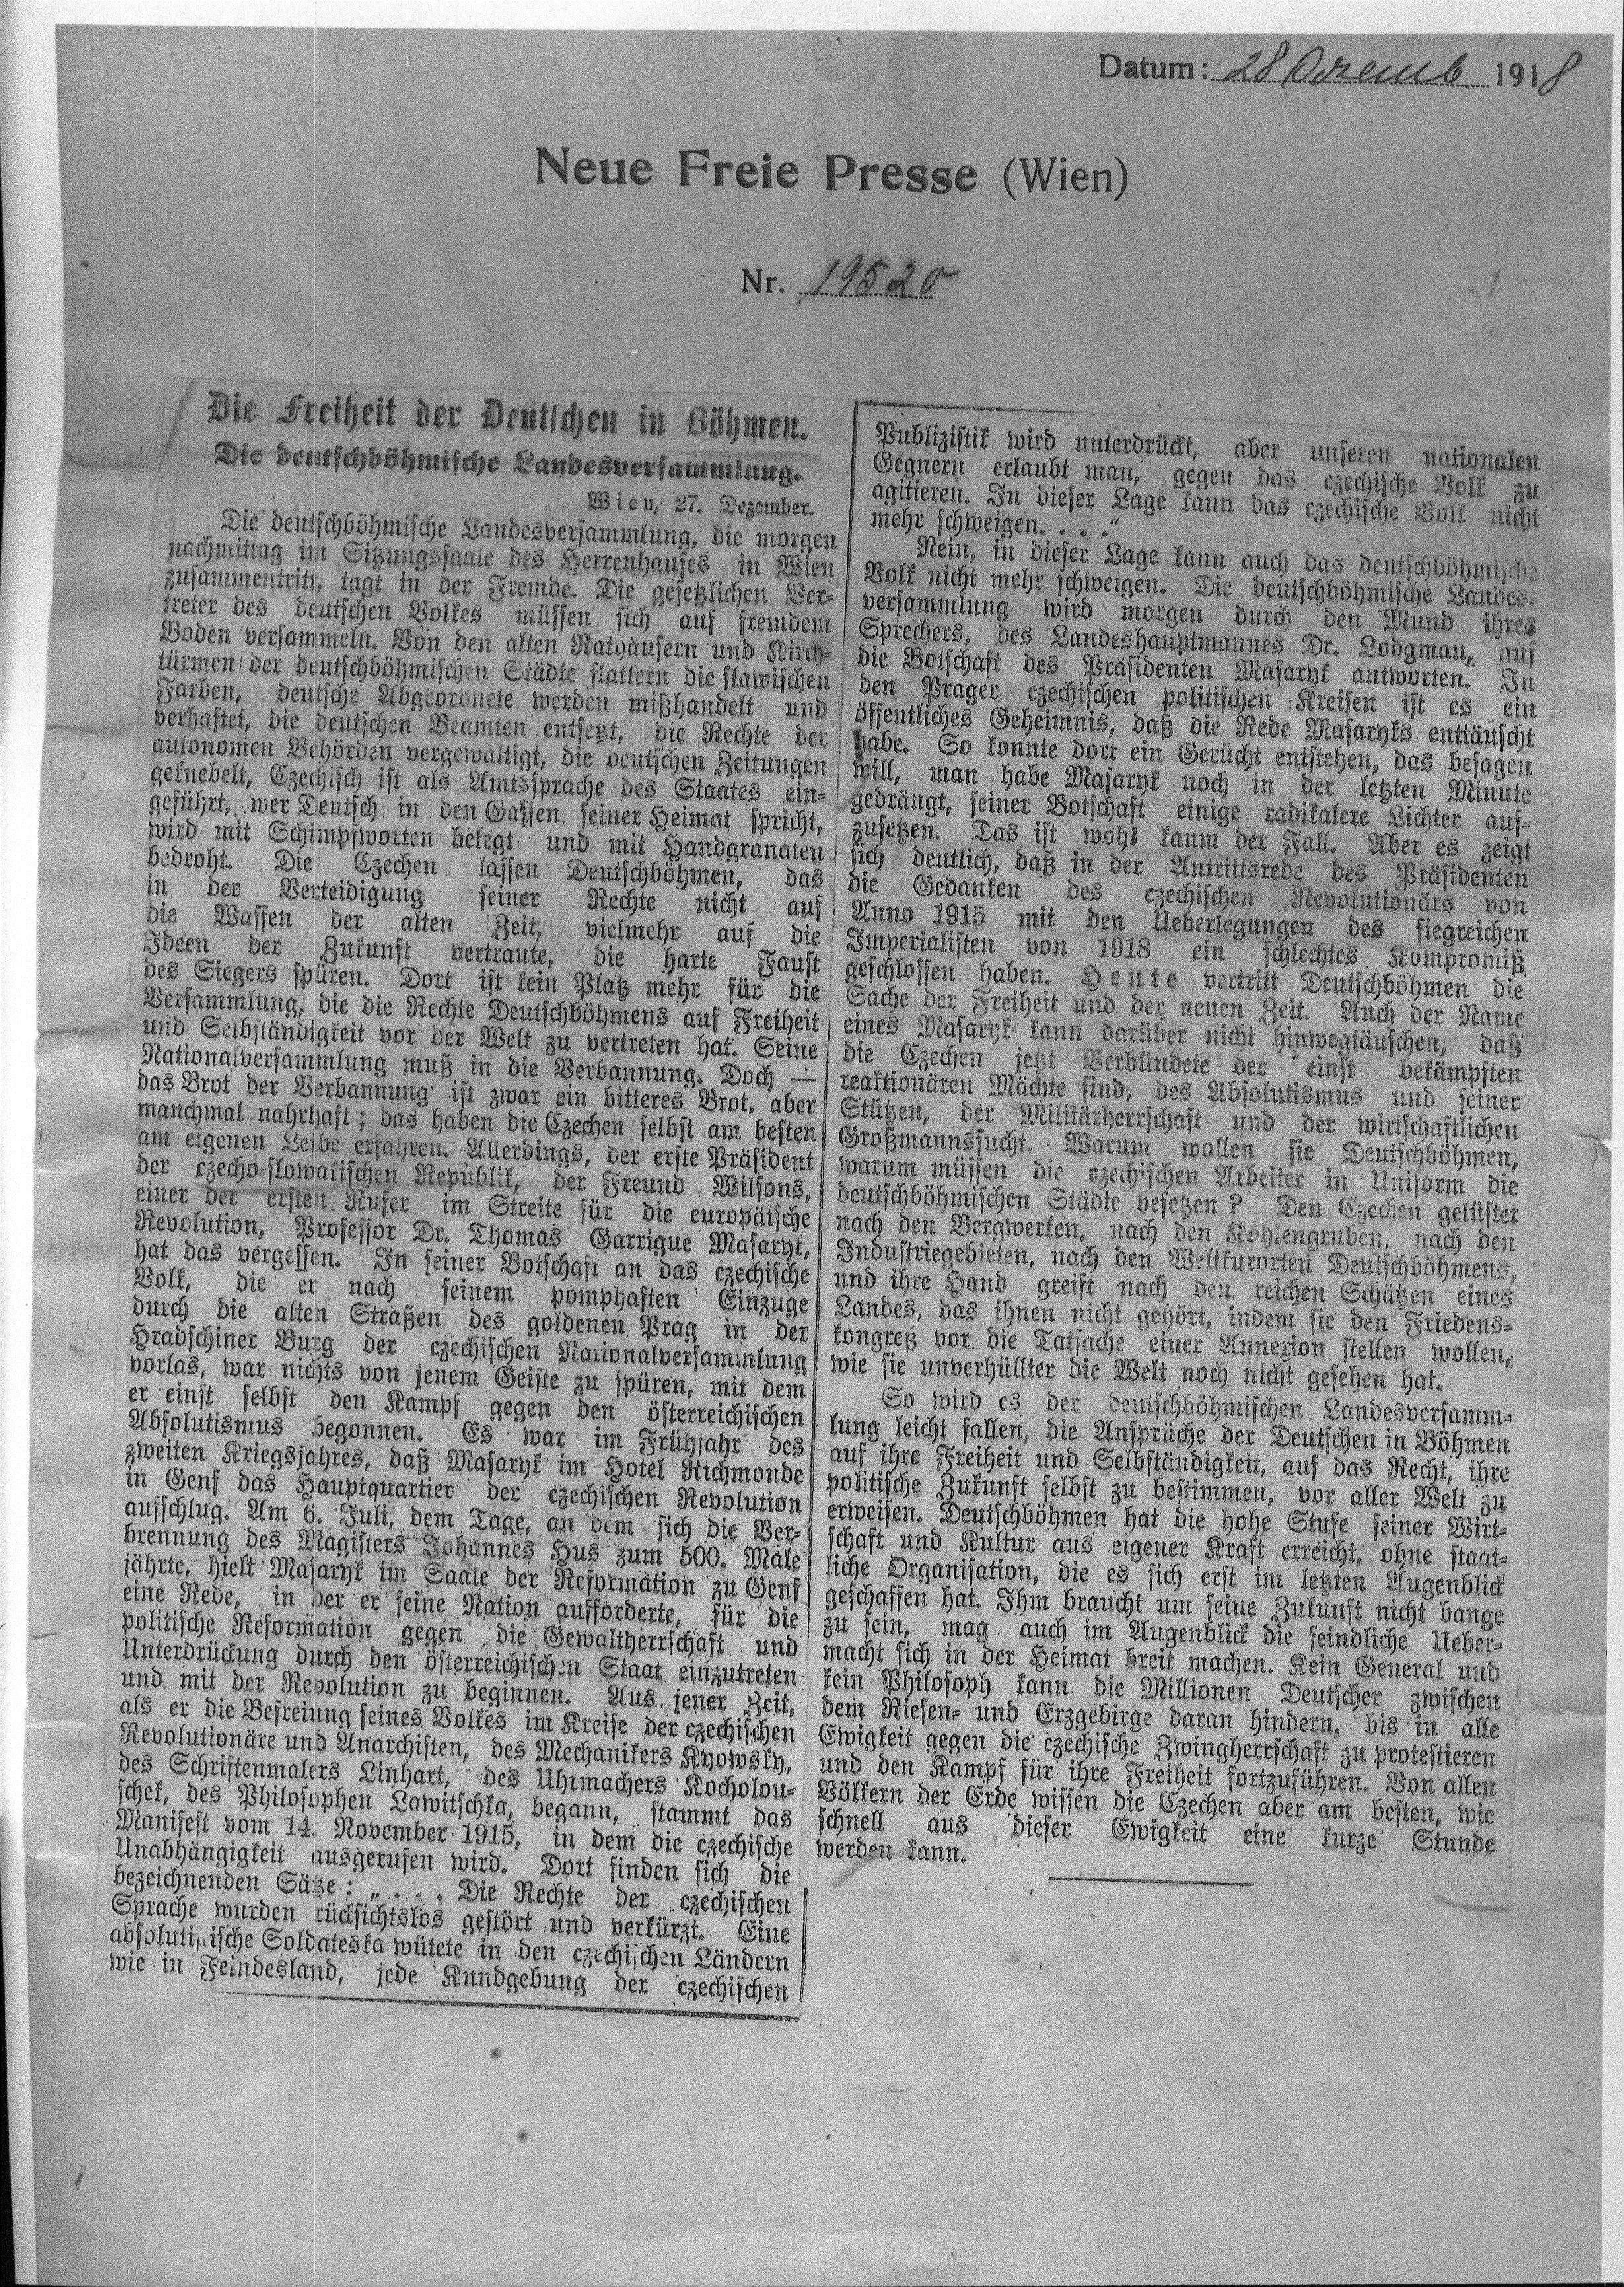 Neue Freie Presse zur Staatsgründung 1918